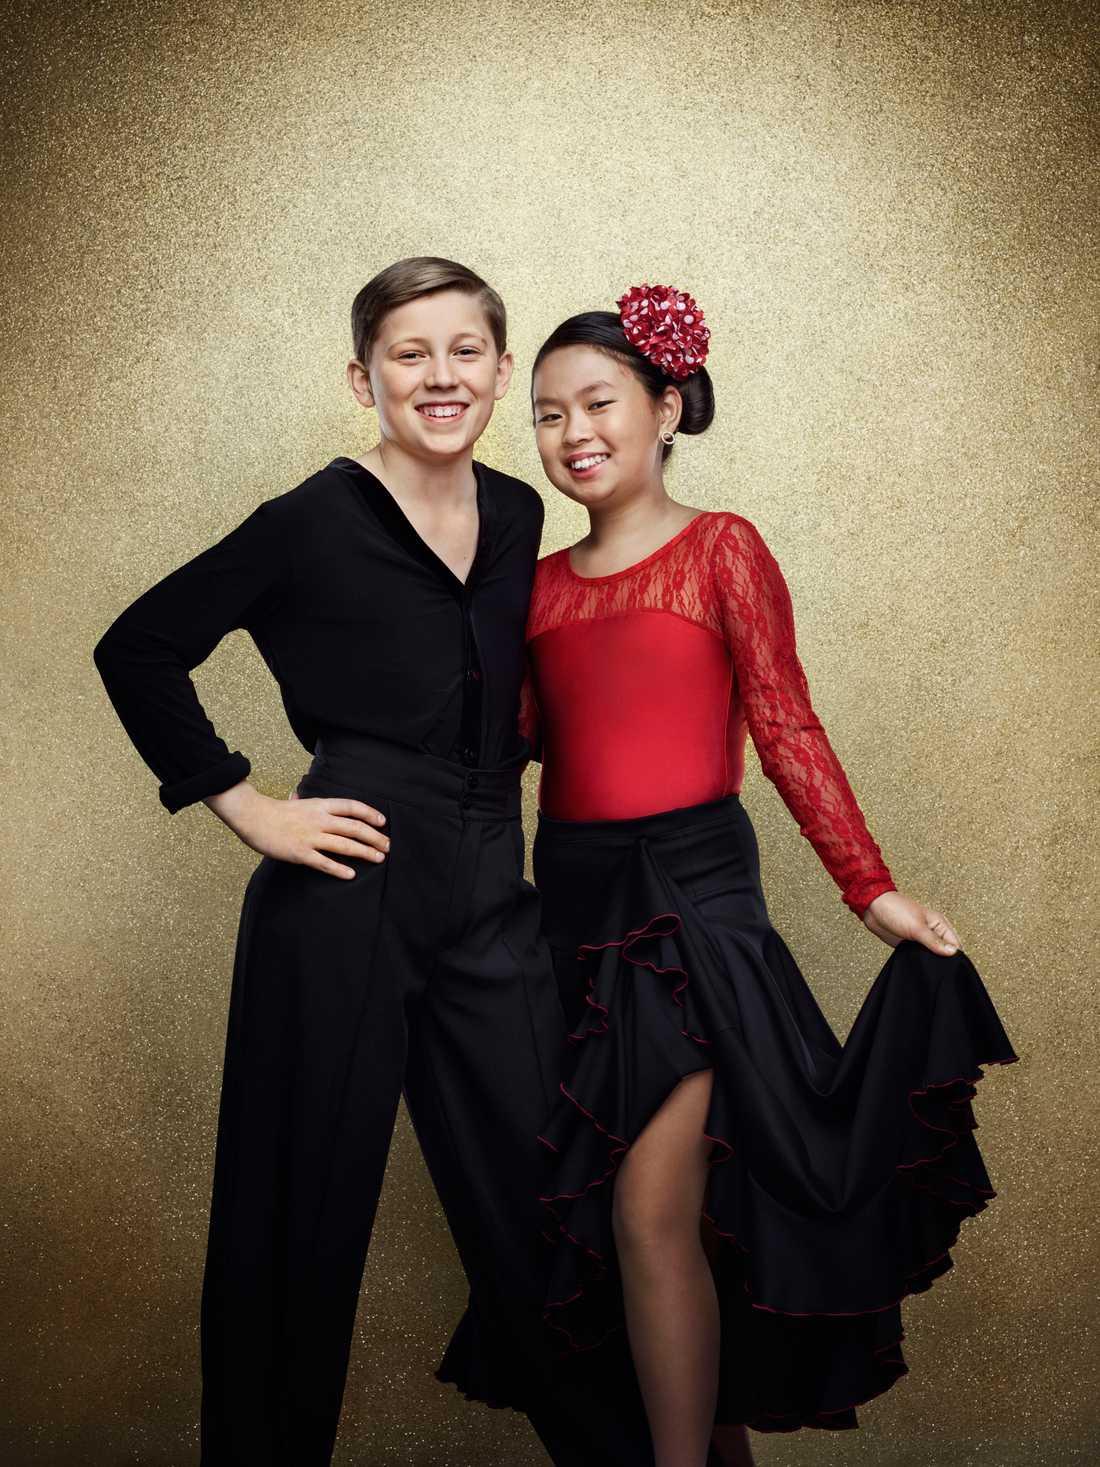 Olle Jansson, 12 år. Känd från Wild kids och dansar med Mikaela Rännare.